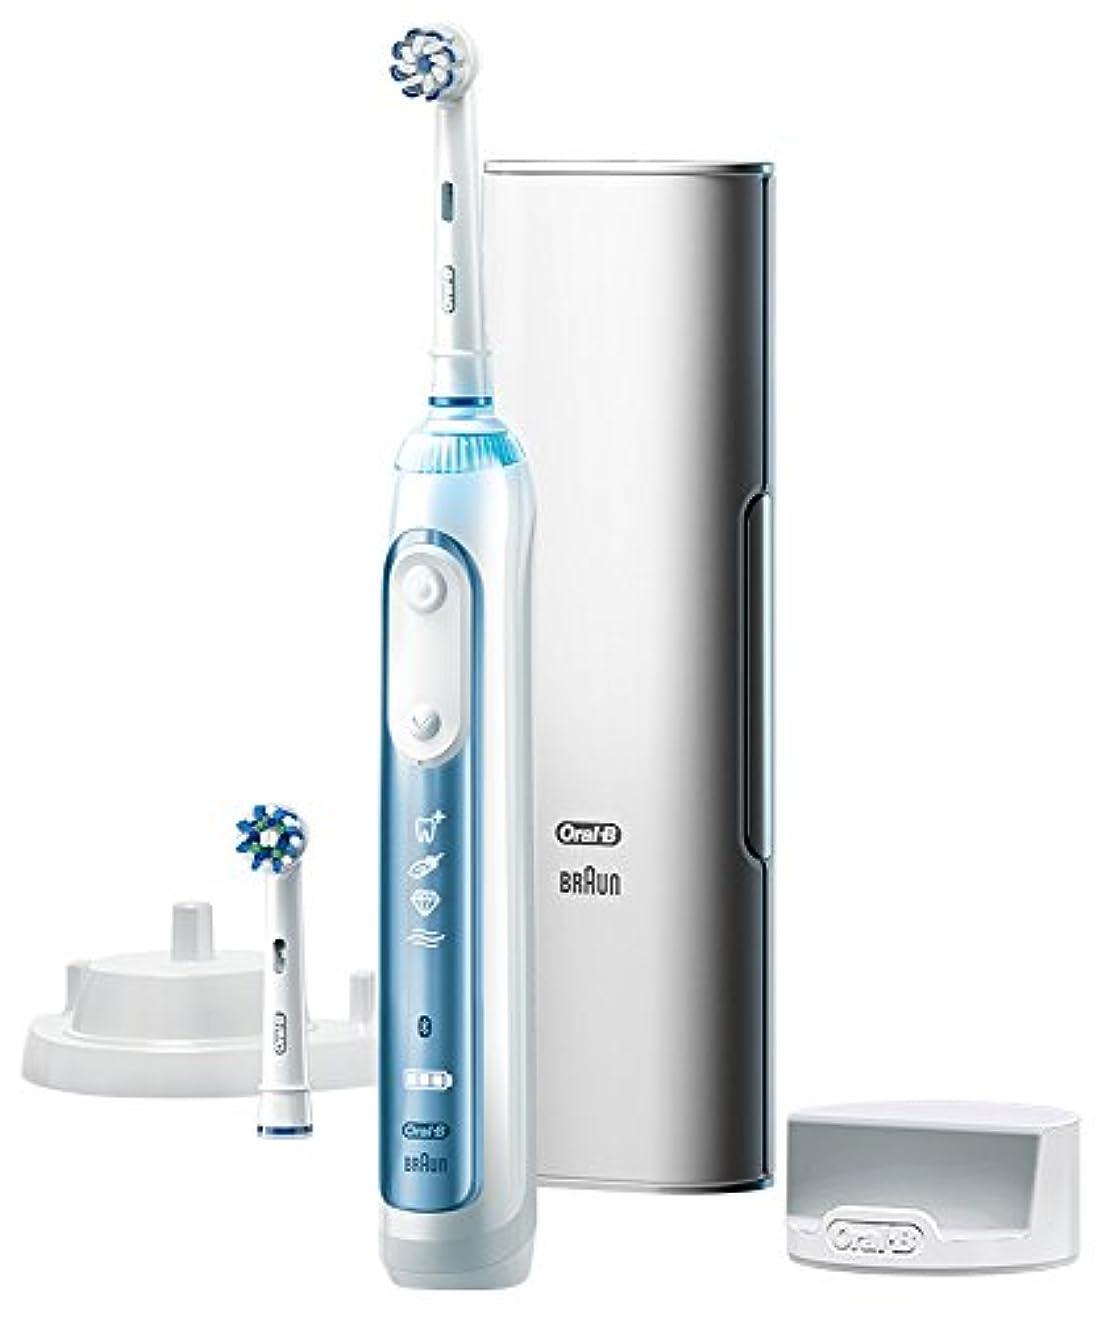 蛾重要な役割を果たす、中心的な手段となるファックスブラウン オーラルB 電動歯ブラシ スマート7000 D7005245XP D7005245XP